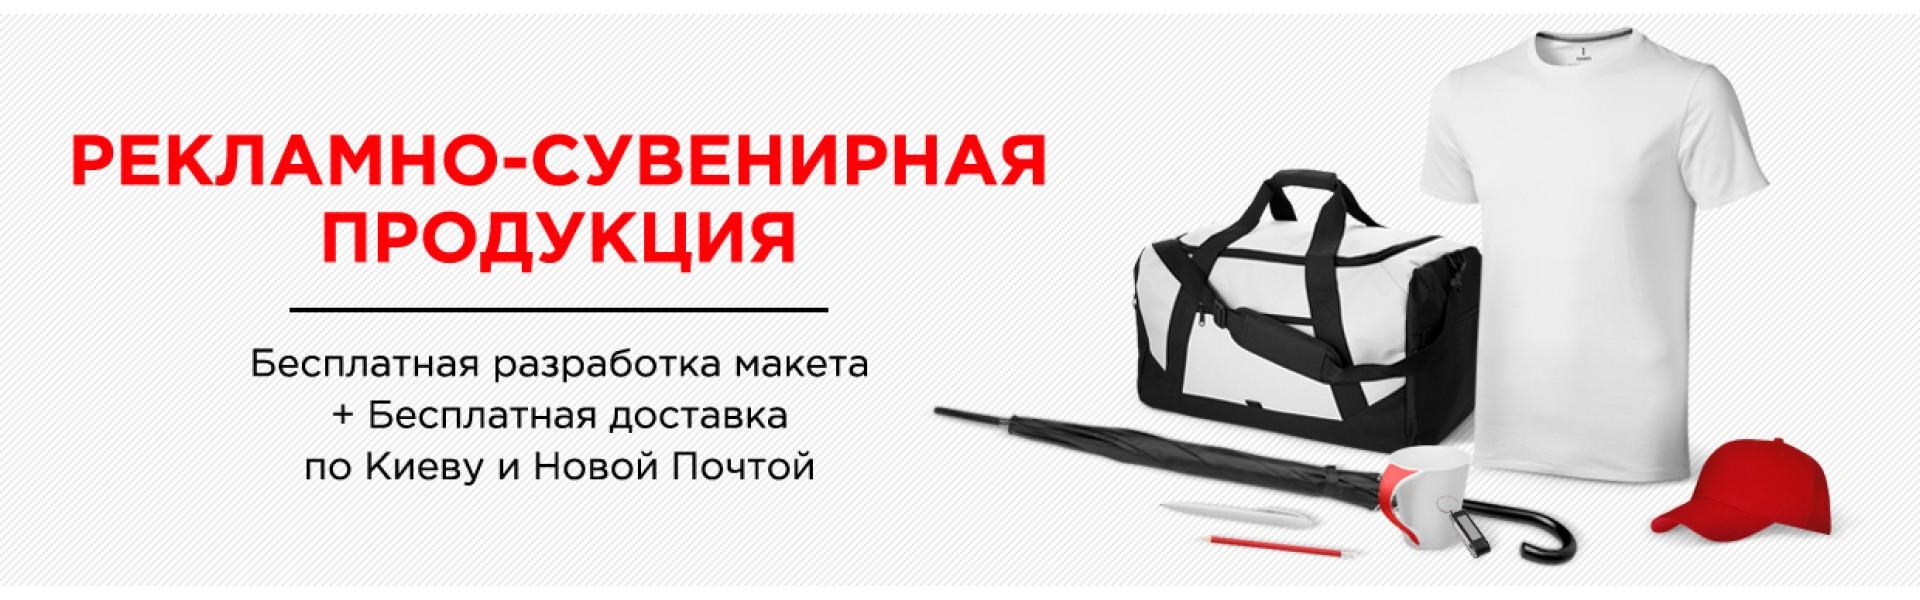 *Сувениры со склада в Киеве - за 1 день